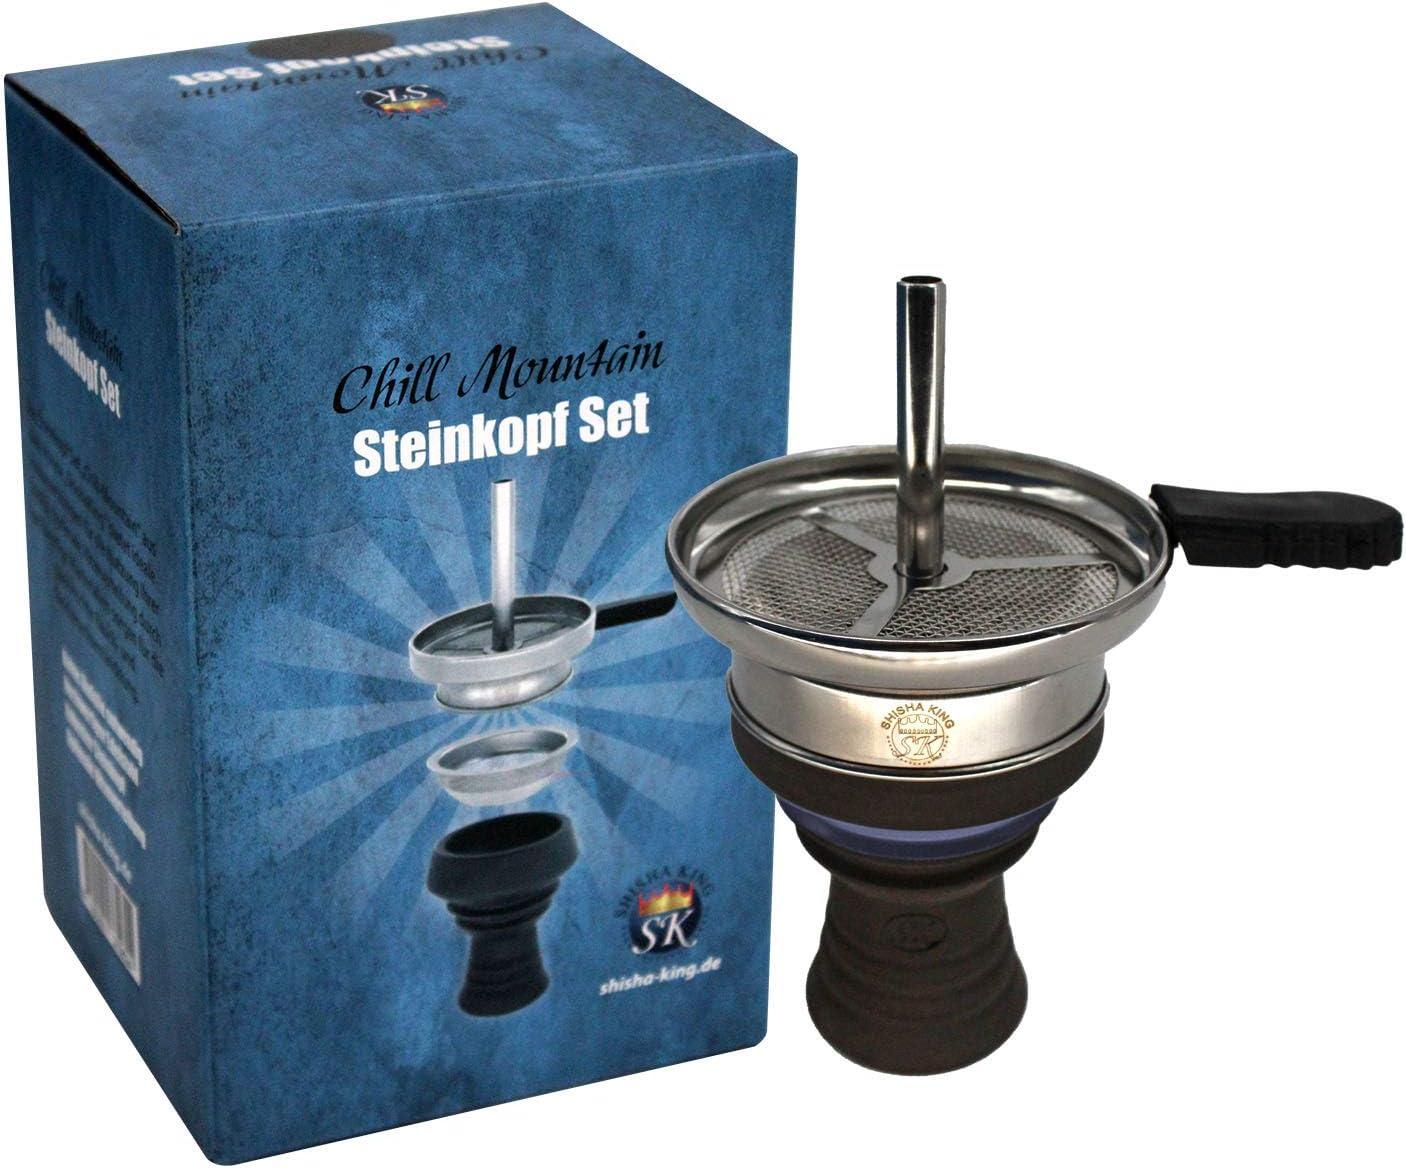 Shisha King® - Cabezal para shisha Premium con cabezal de piedra y accesorios para chimenea, incluye mango de goma + colador para la cabeza, mucho humo, sabor intenso (azul)